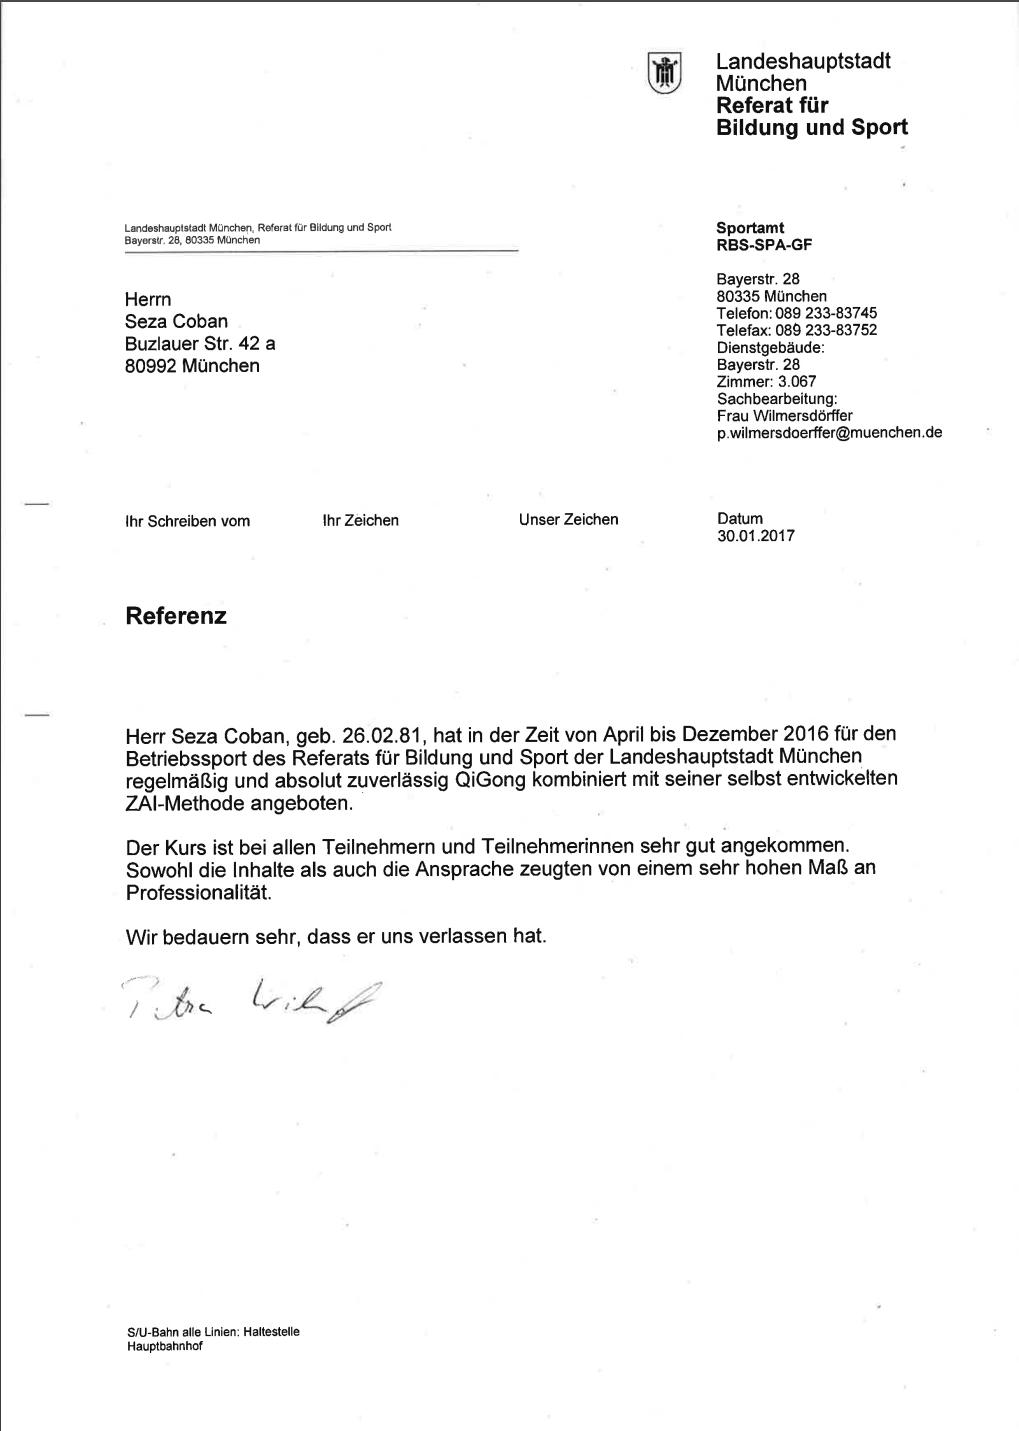 """Ich Danke der Landeshauptstadt München - und dem Referat für Bildung und Sport für diese grandiose Referenz! Es war mir stets eine große Ehre und Freude, den wertschätzenden bediensteten dieser Stadt, meine selbst entwickelten ZAI-Methoden anzubieten. Welche erfreulicherweise sehr gut angenommen wurden! Es heißt; """"Wer sich in München bewährt - bewährt sich auf der ganzen Welt"""". Ich Bin dann jetzt bereit dafür!  DANKE München für dein Vertauen !"""